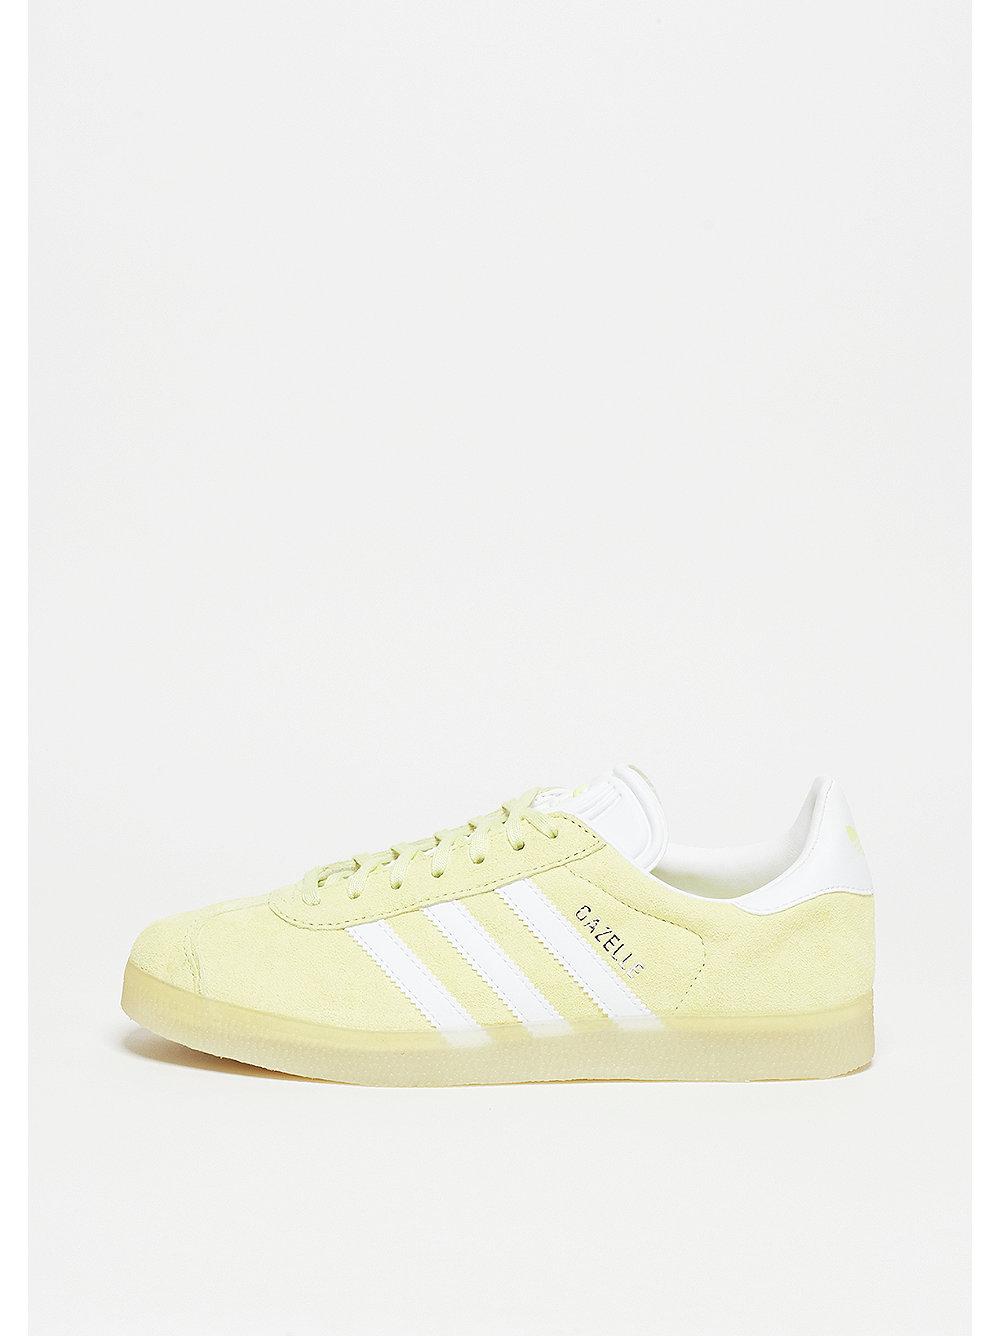 adidas Gazelle ice yellow-white-metallic silver